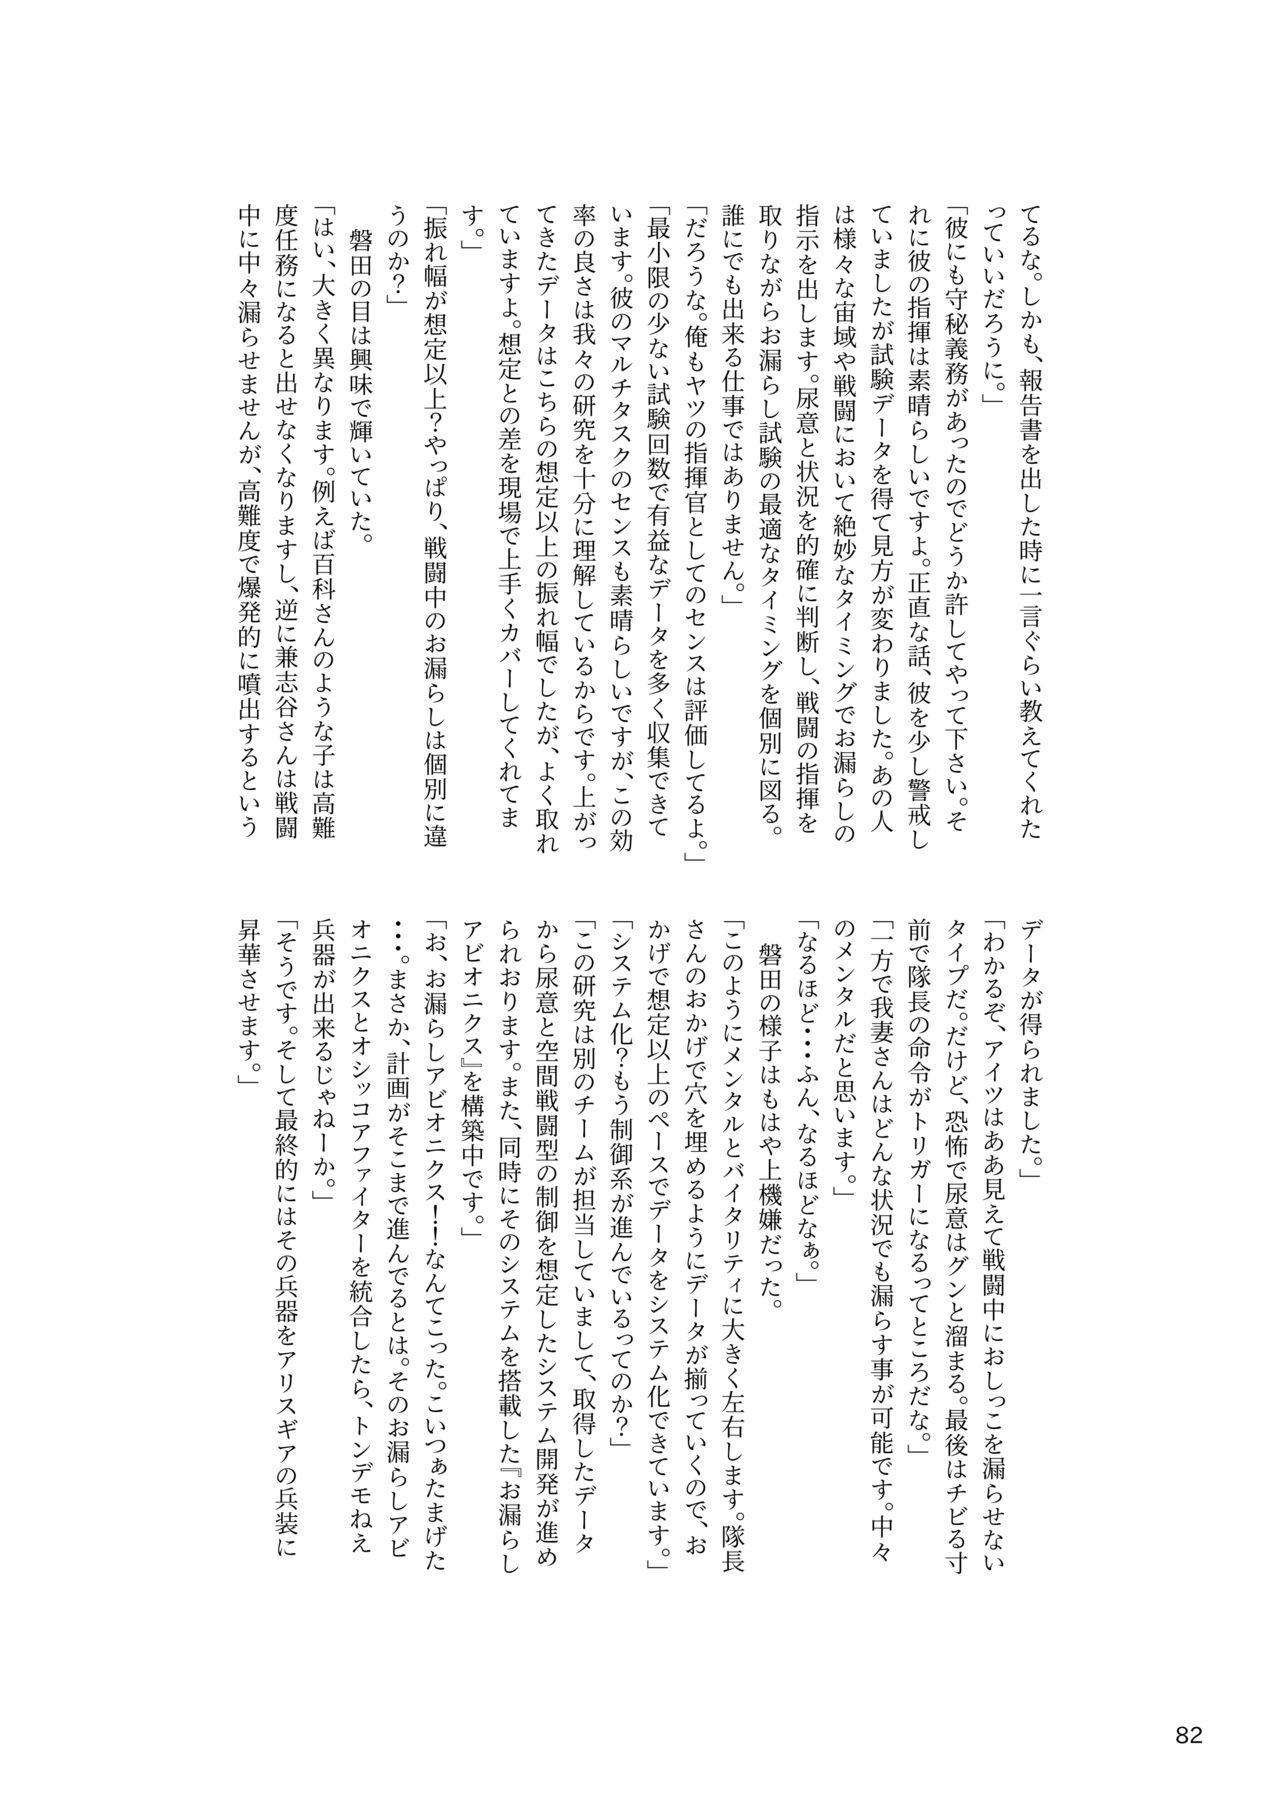 ア○スギア総合スカトロアンソロジー アクトレス排泄実態調査任務~スカポためるっすか!?~ 81